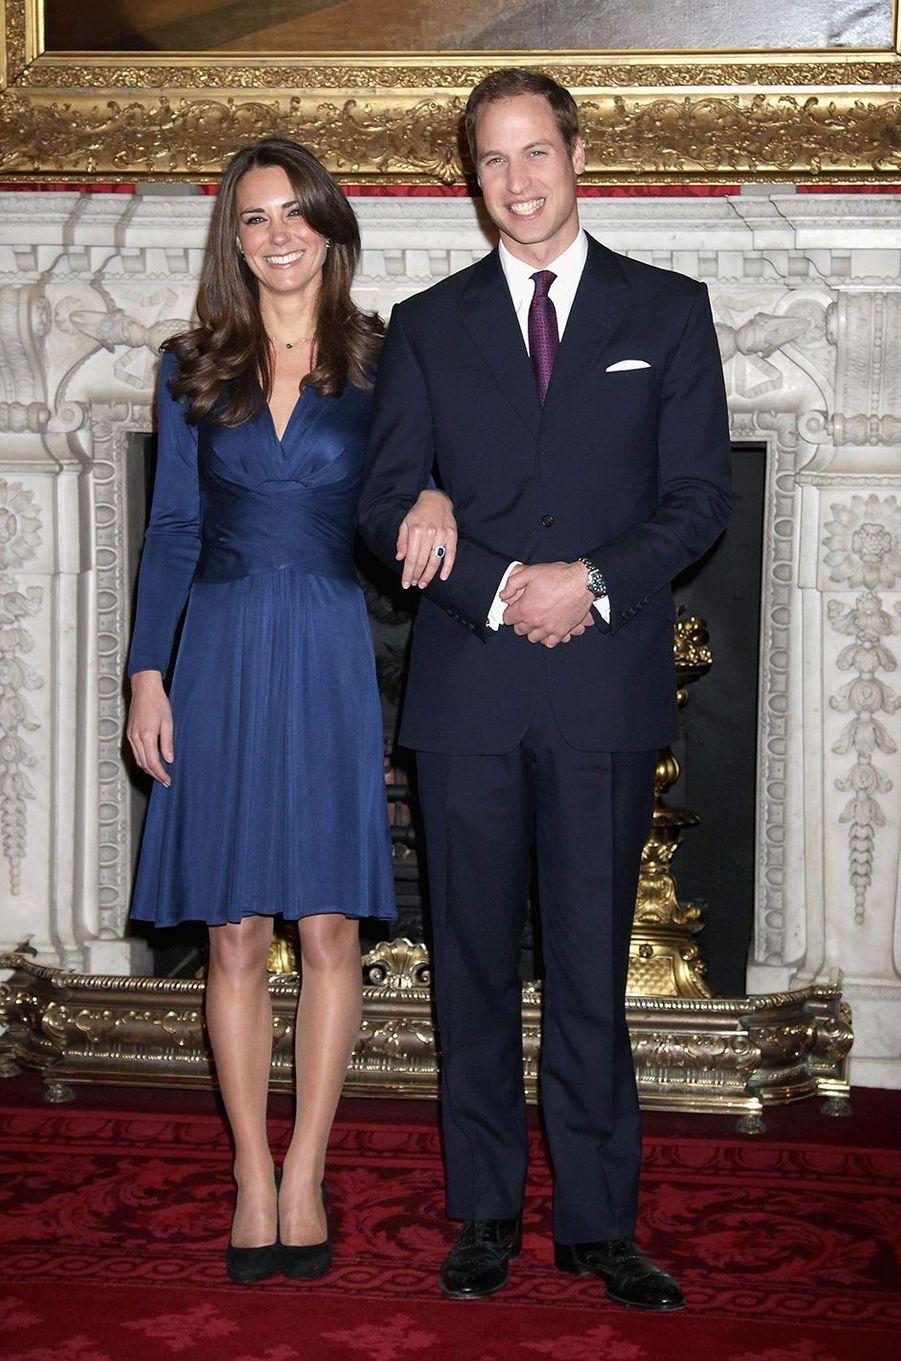 Kate Middleton et le prince William annoncent leurs fiançailles aupalais Saint JamesàLondres le 16 novembre 2010